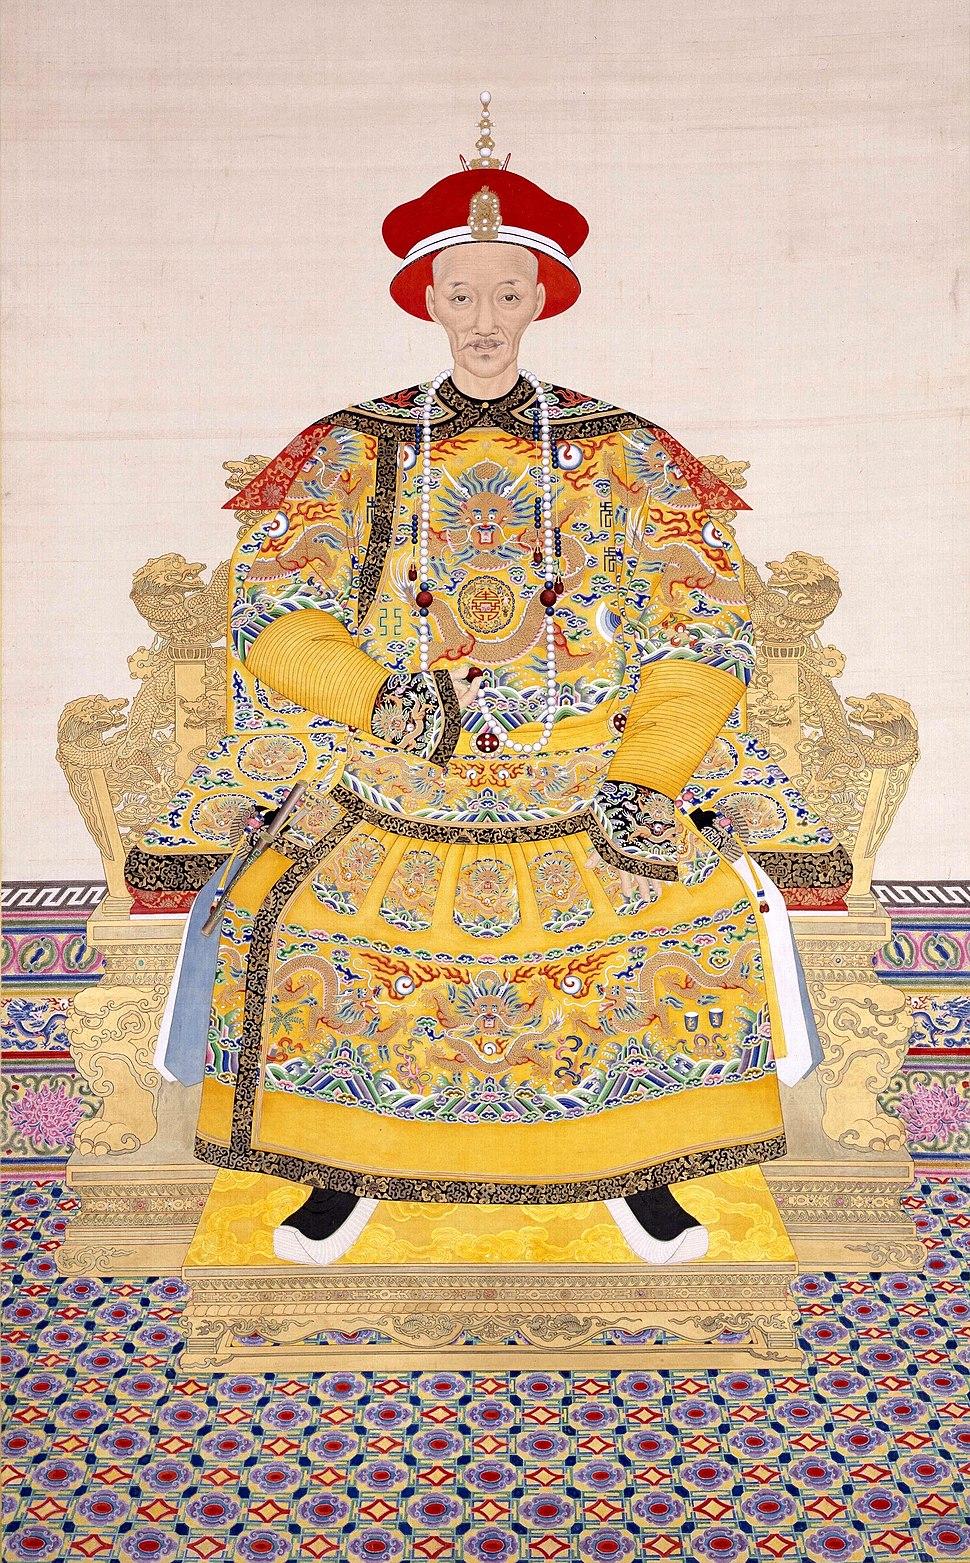 清 佚名 《清宣宗道光皇帝朝服像》